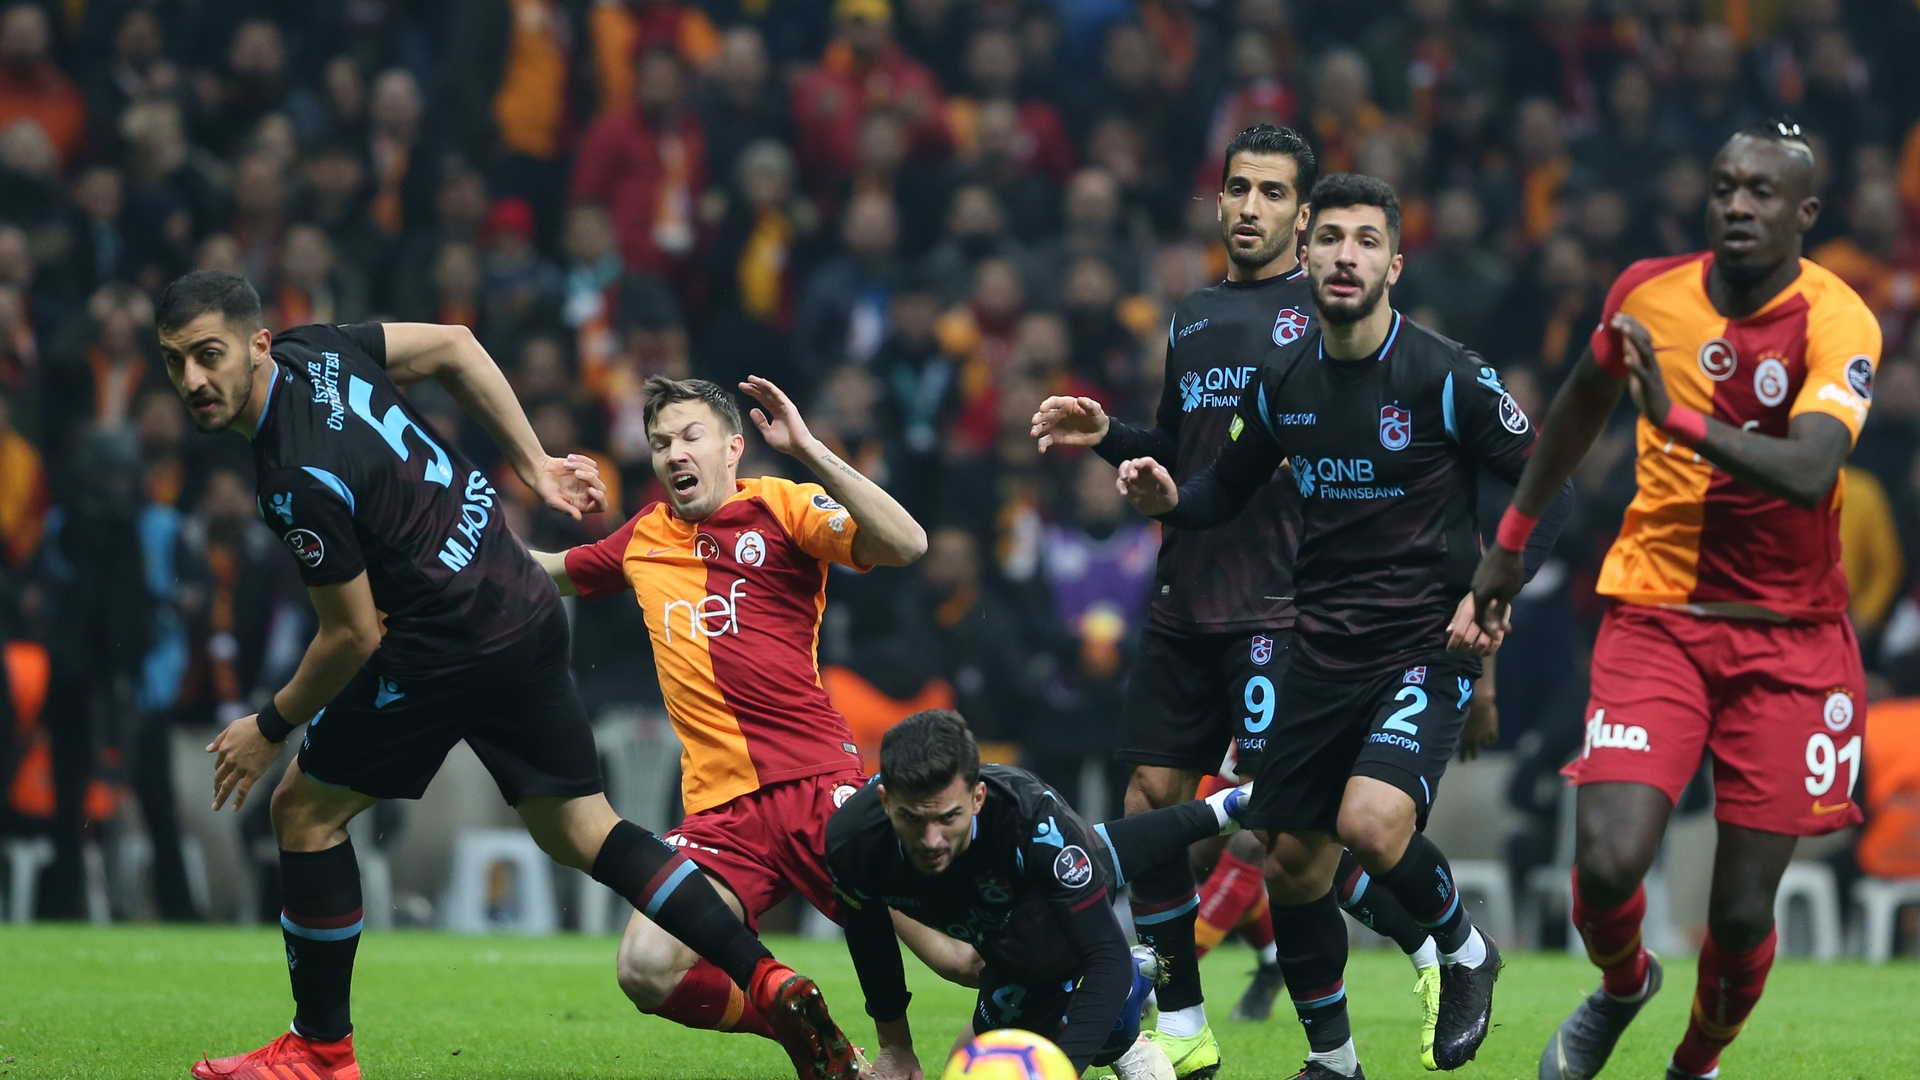 Galatasaray Trabzonspor 2102019